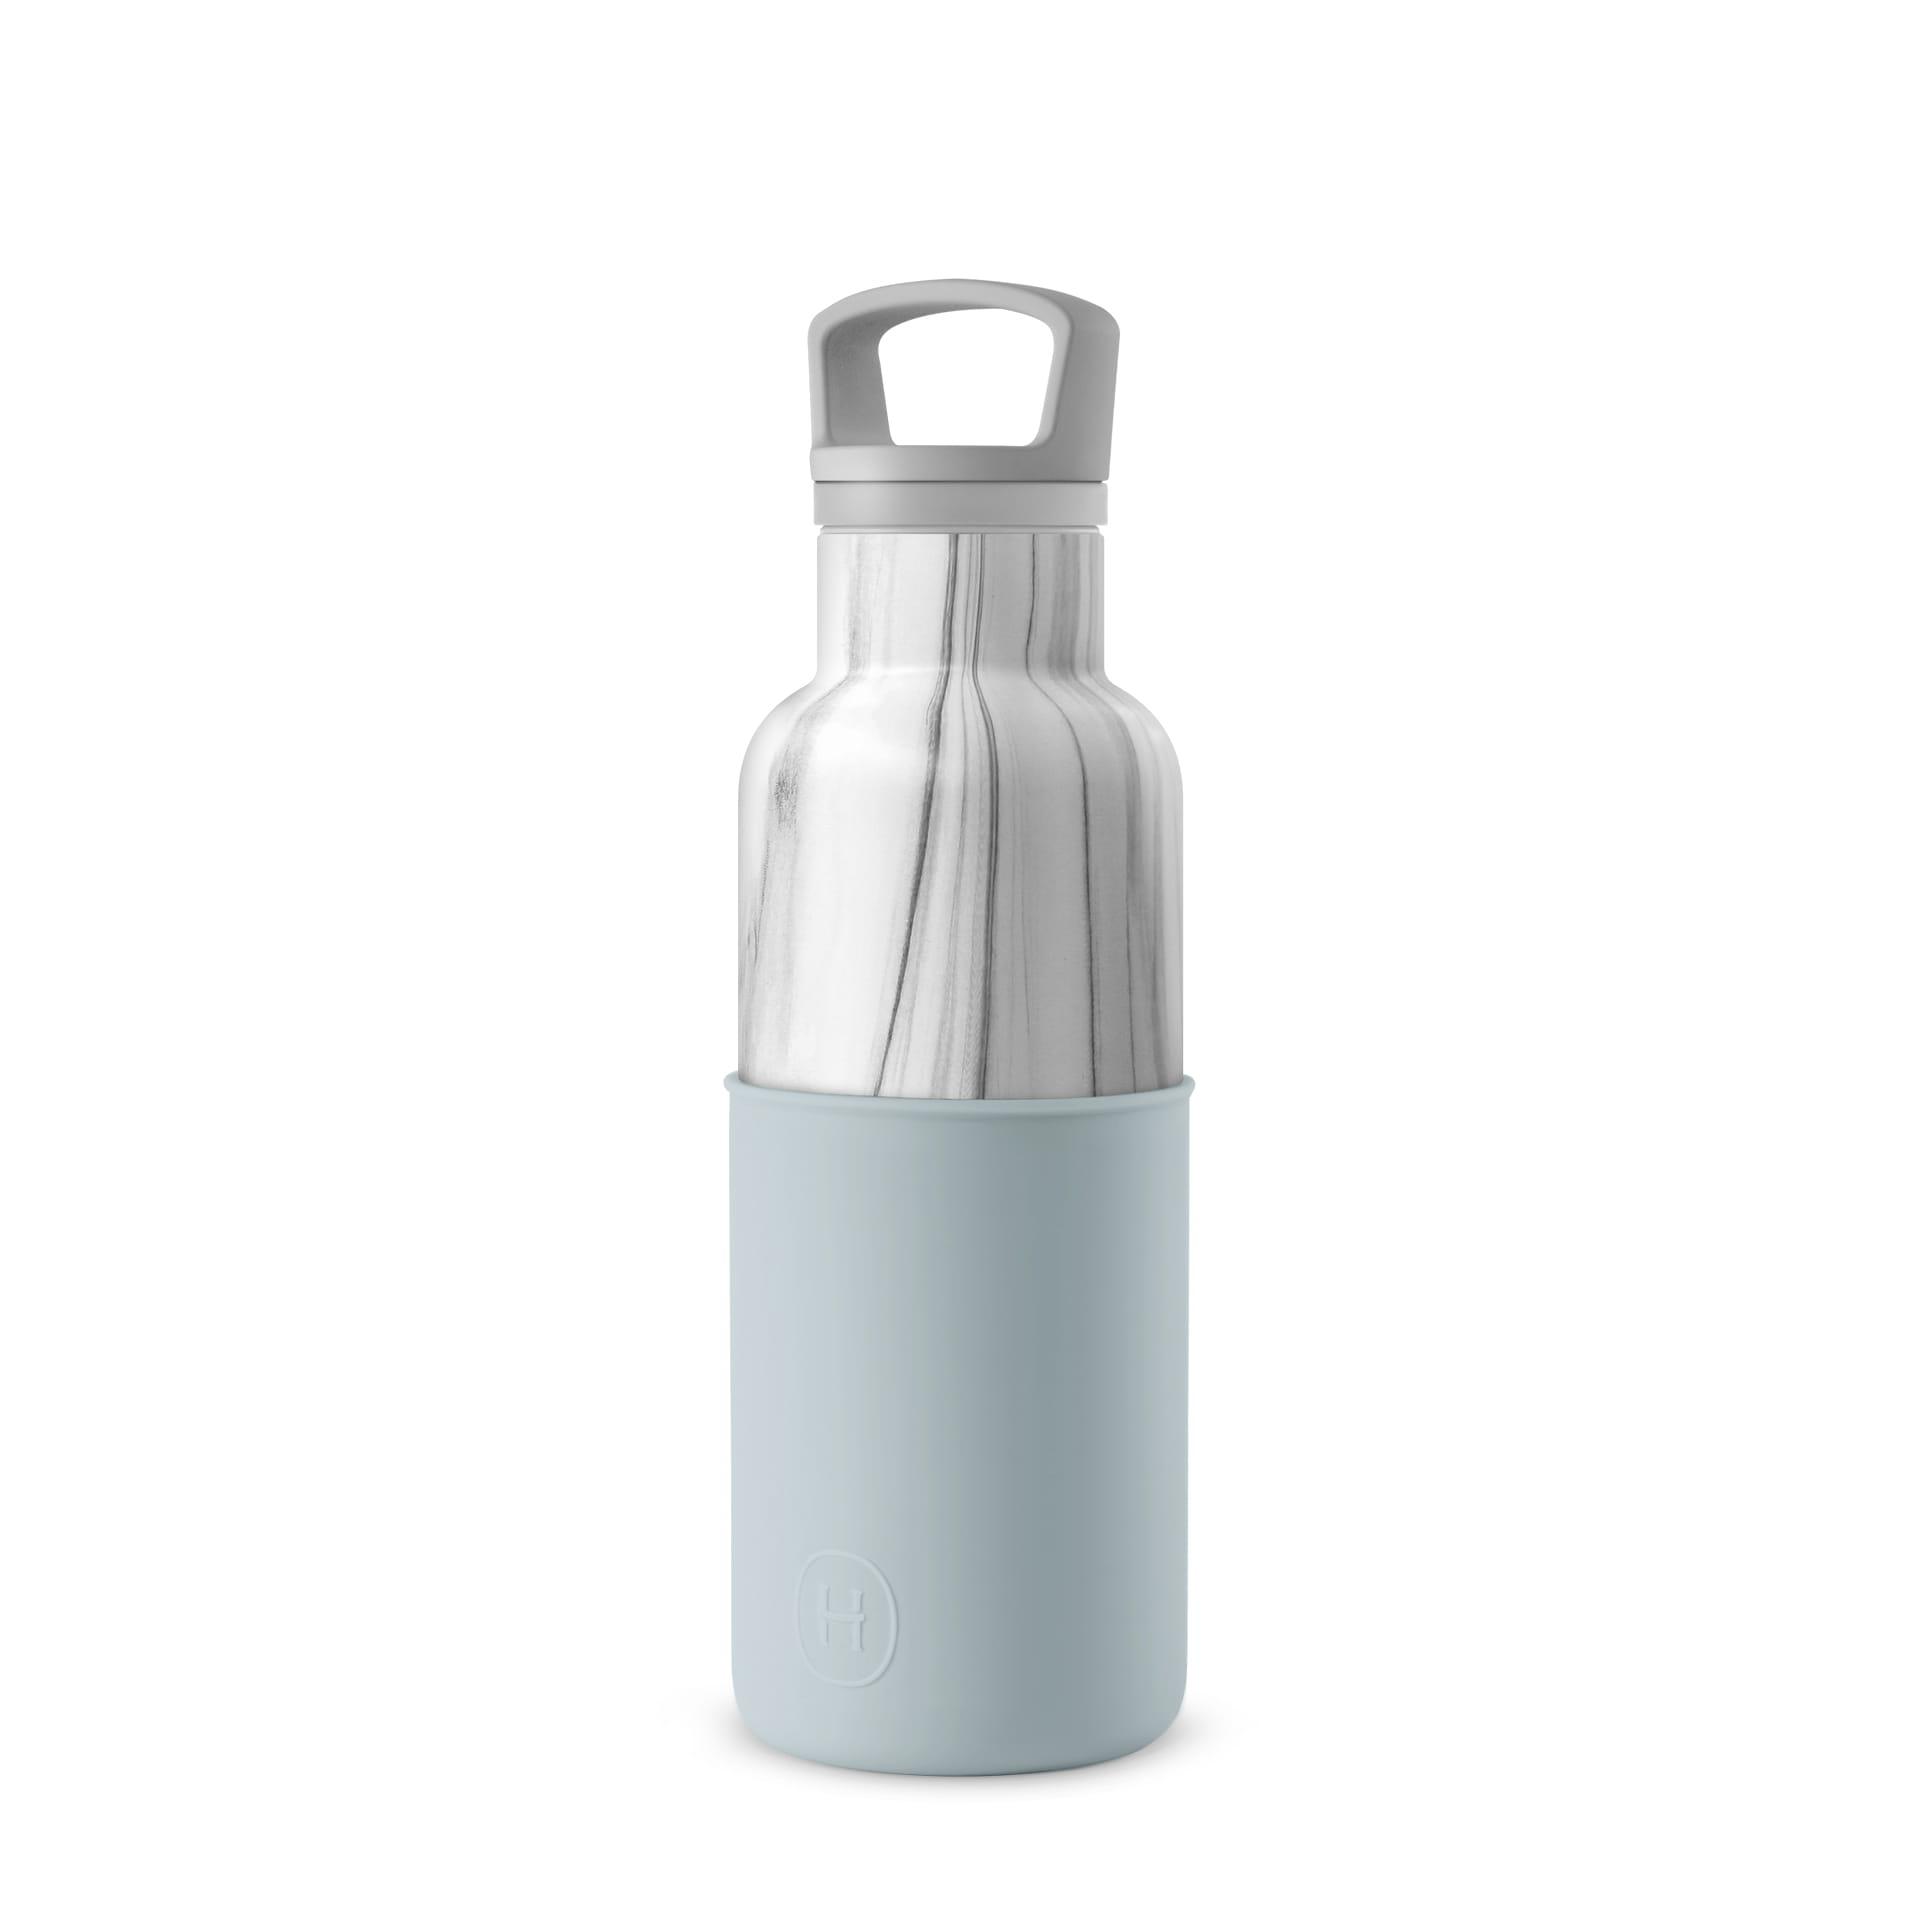 美國 HYDY 時尚不銹鋼保溫水瓶 480ml 大理石紋瓶 (積雲)